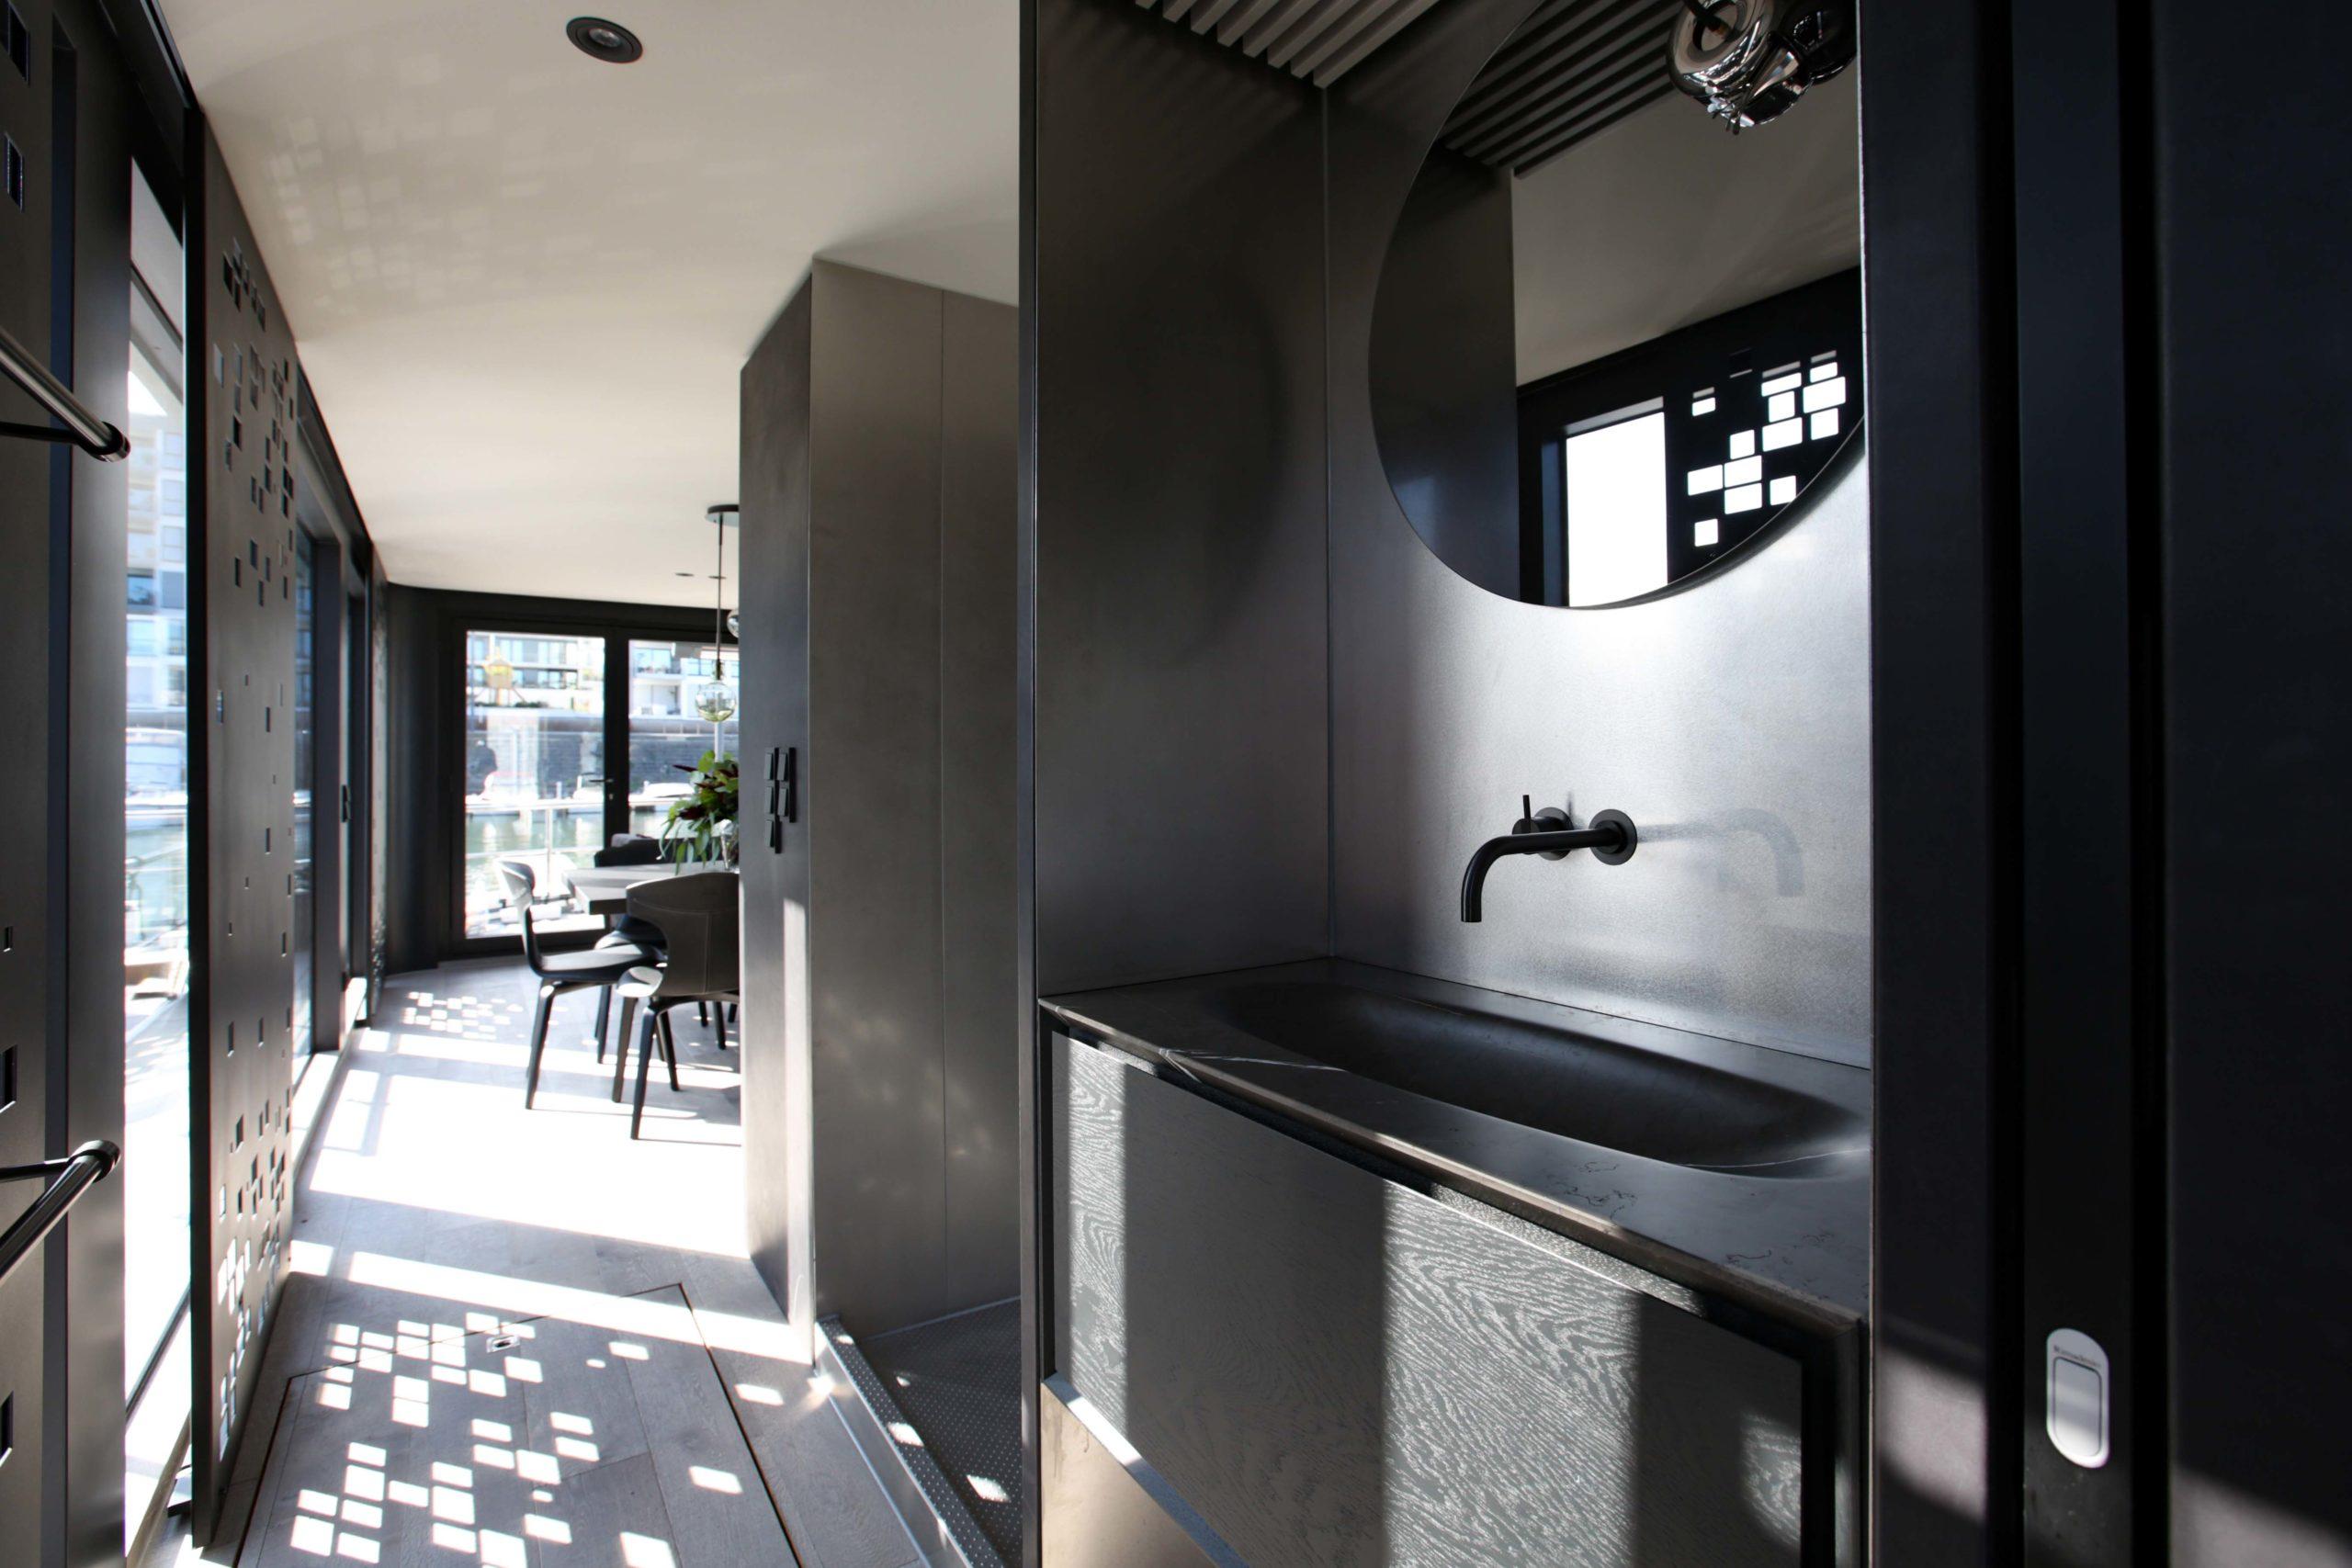 Waschbecken Dusche Onyx Hausboot Badezimmereinrichtung Nobla Design